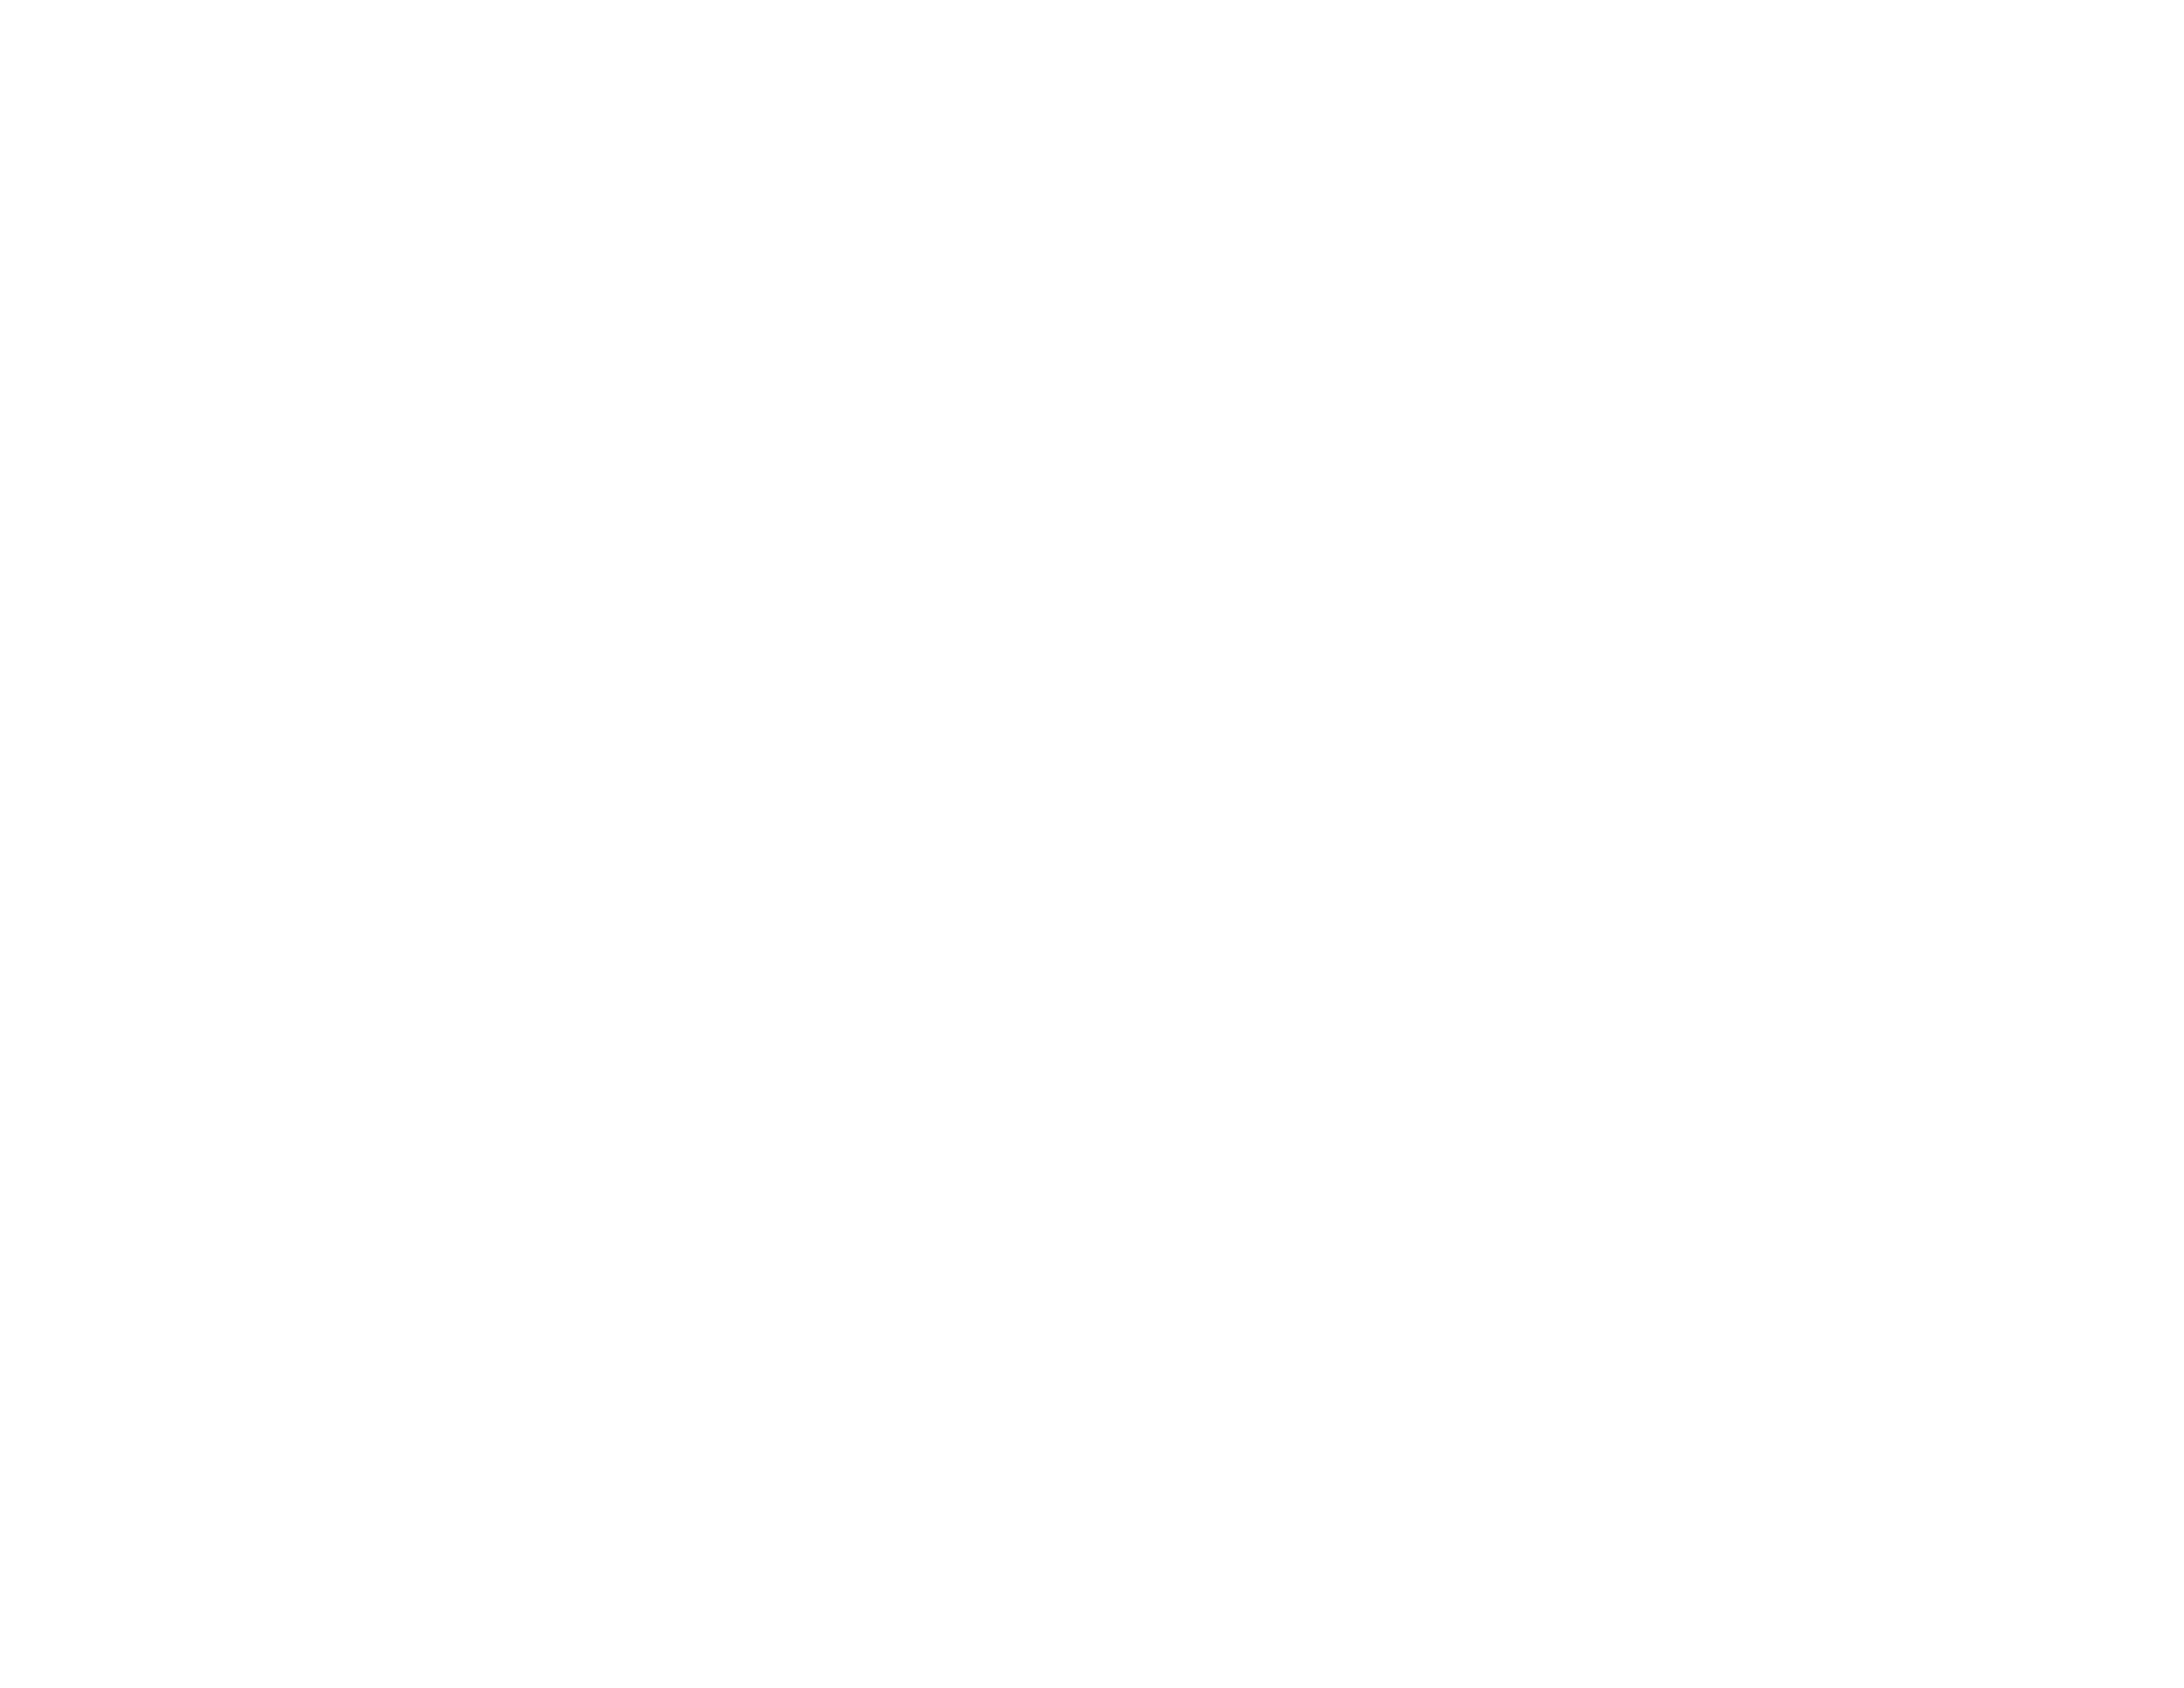 SoftServeSEO-logo-white